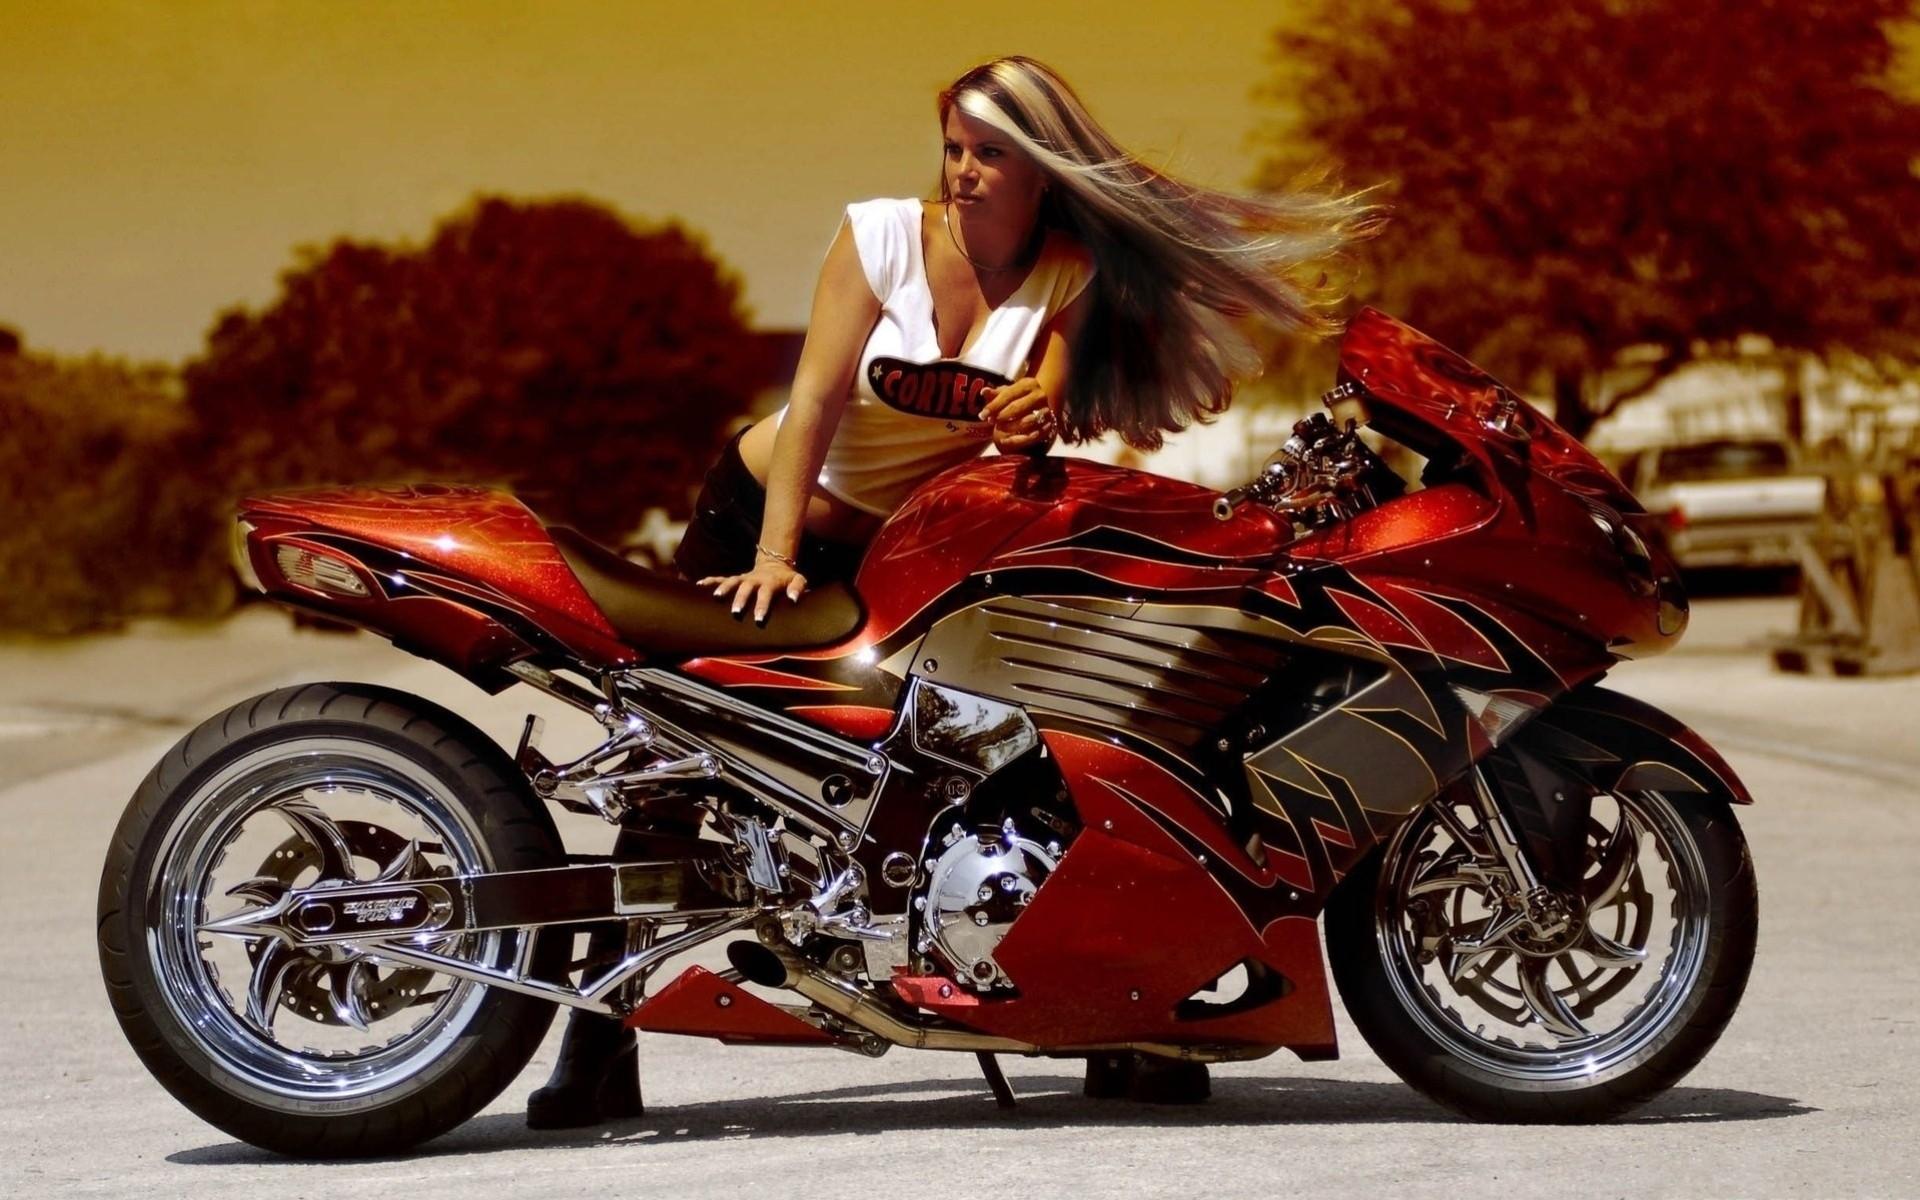 foto-devushek-na-mototsikle-visokogo-kachestva-struyniy-orgazm-u-tolstuhi